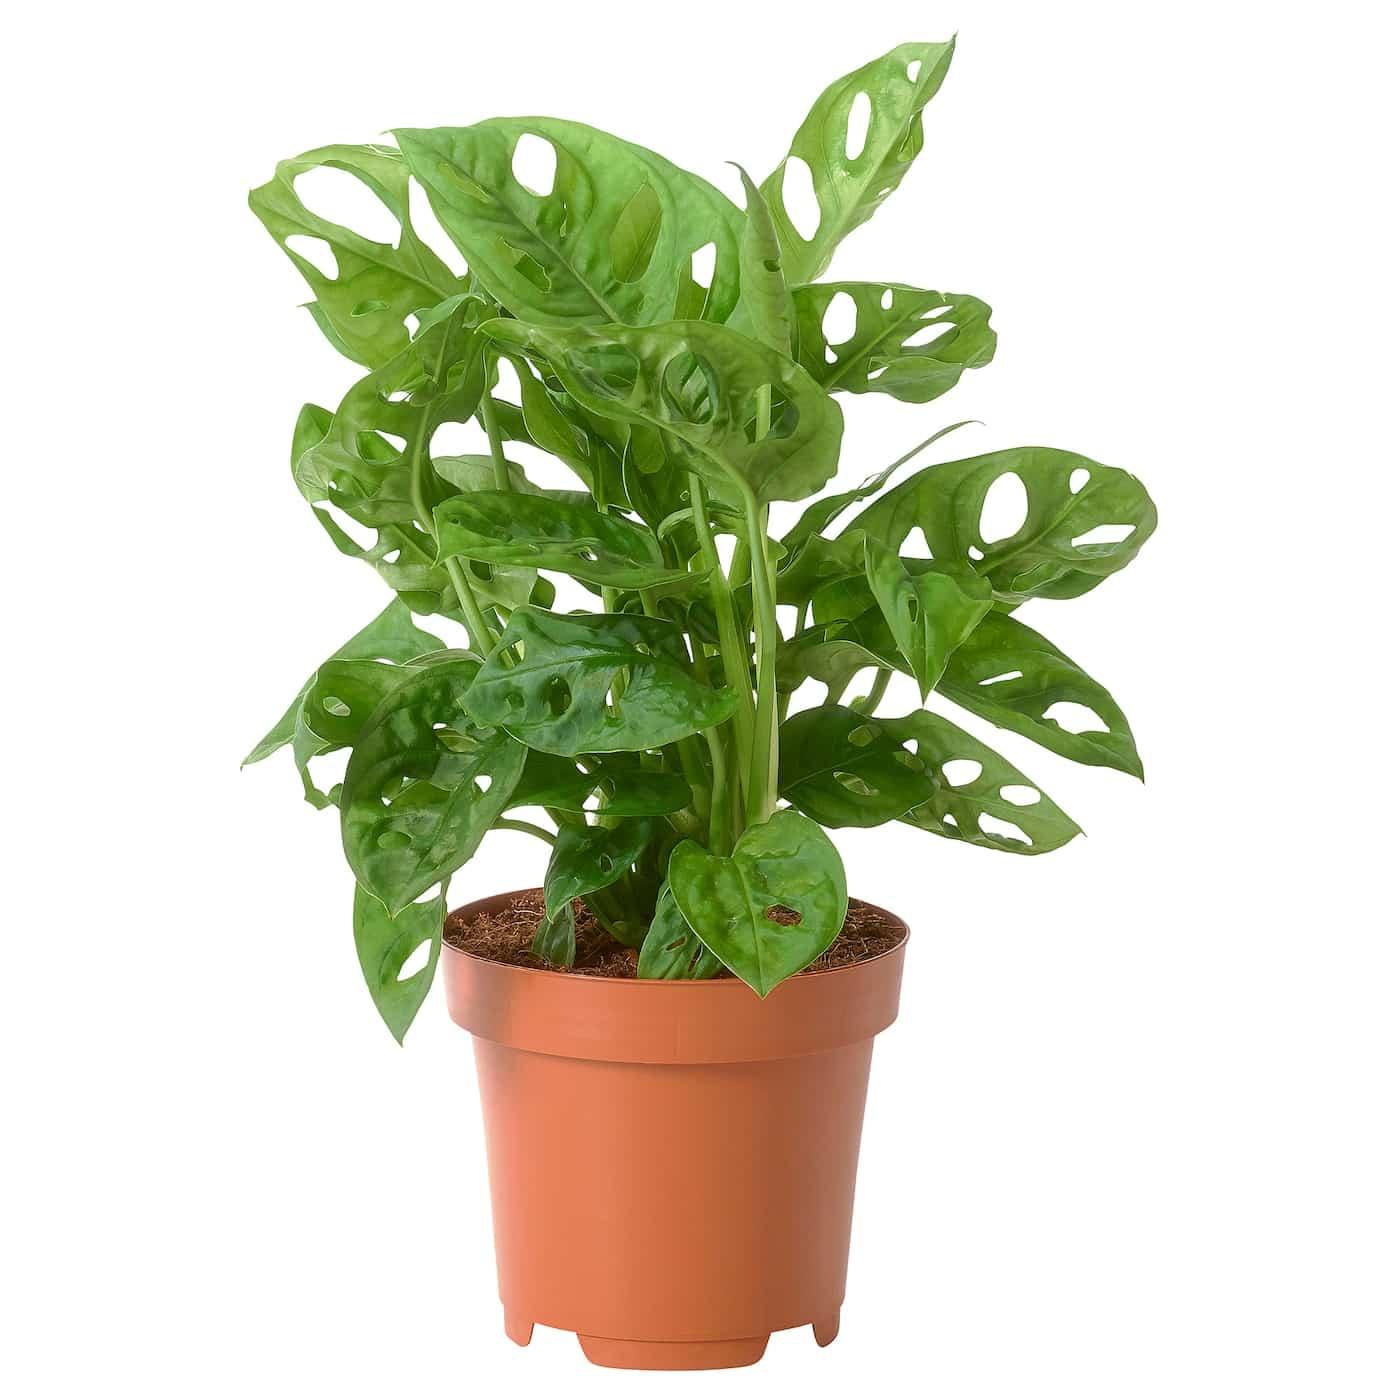 Plantas de interior que requieren poca luz para sobrevivir